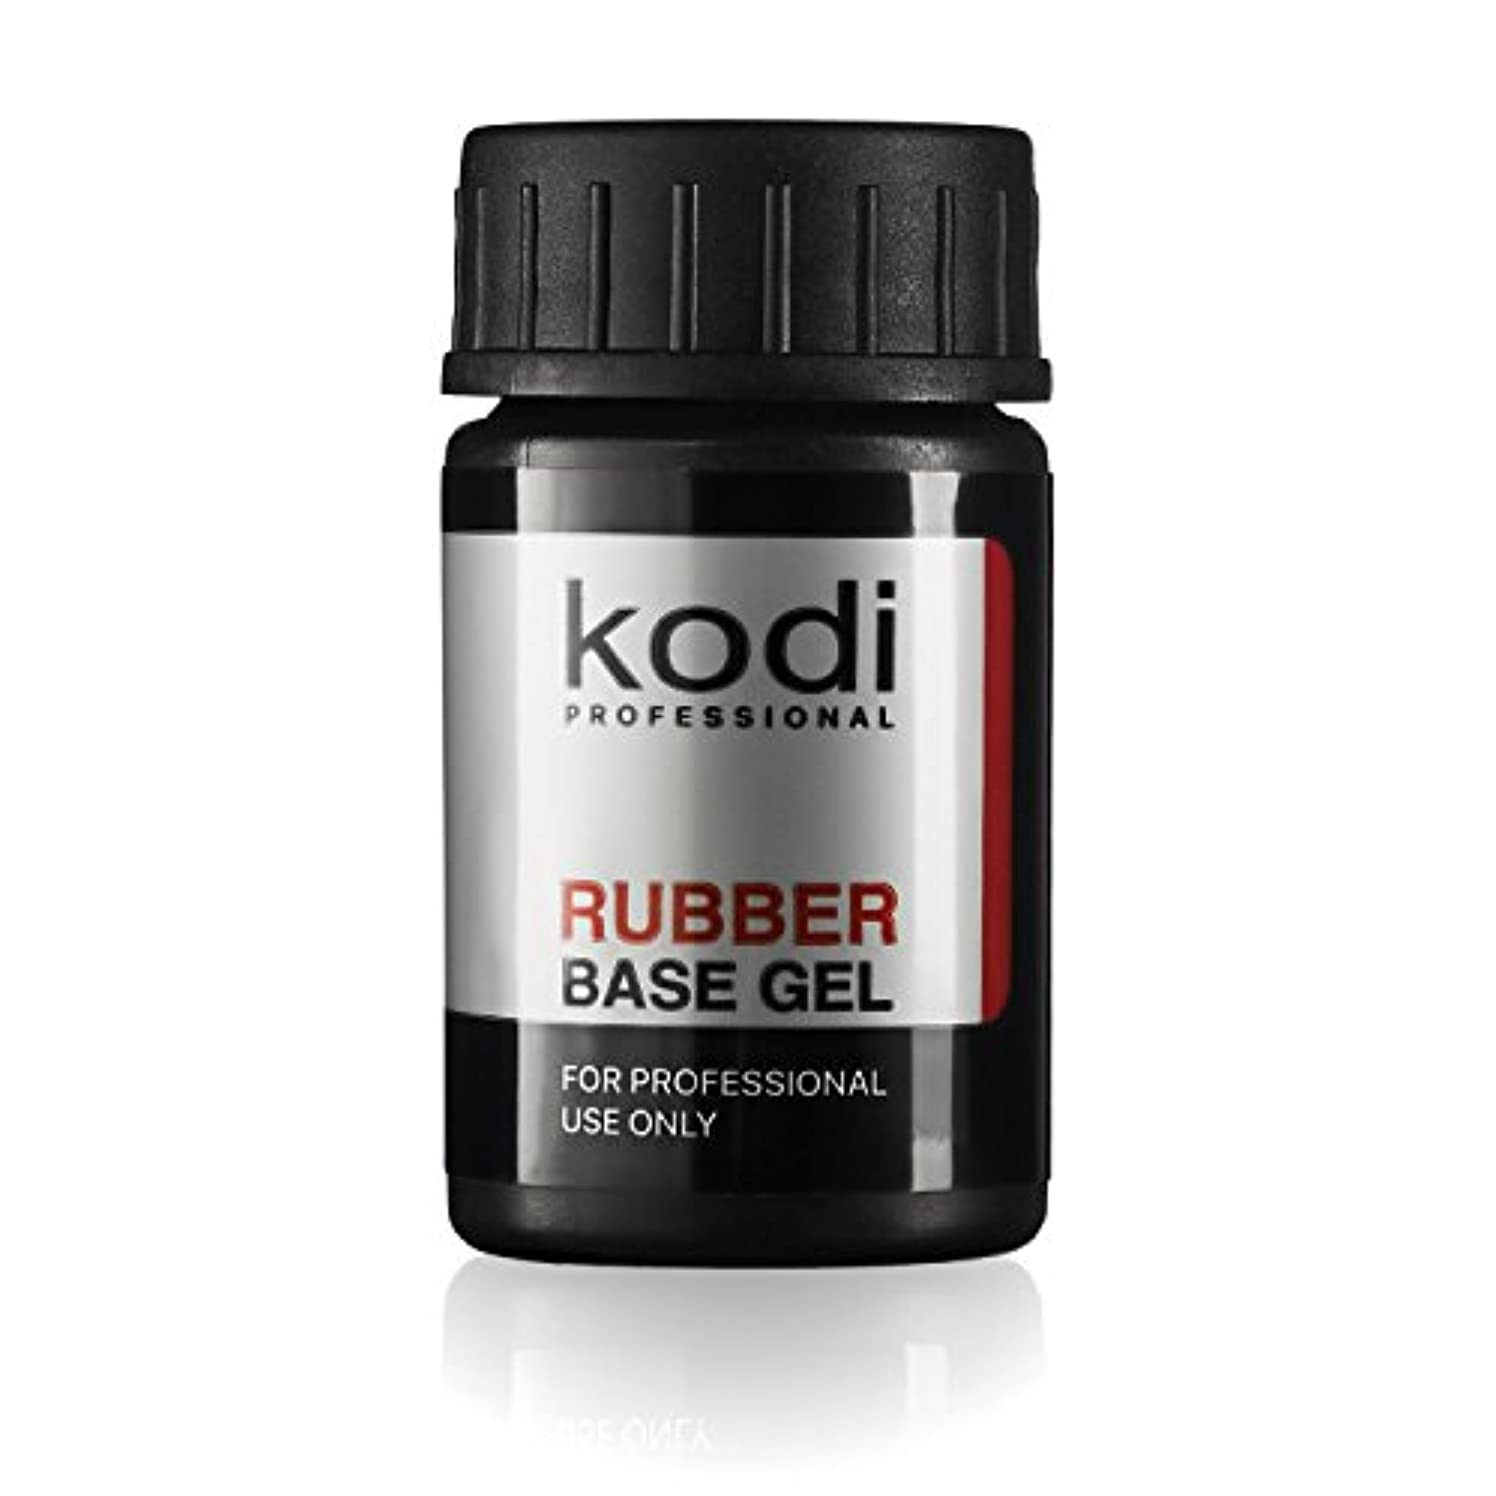 分離するバスルーム攻撃的Professional Rubber Base Gel By Kodi | 14ml 0.49 oz | Soak Off, Polish Fingernails Coat Gel | For Long Lasting Nails Layer | Easy To Use, Non-Toxic & Scentless | Cure Under LED Or UV Lamp